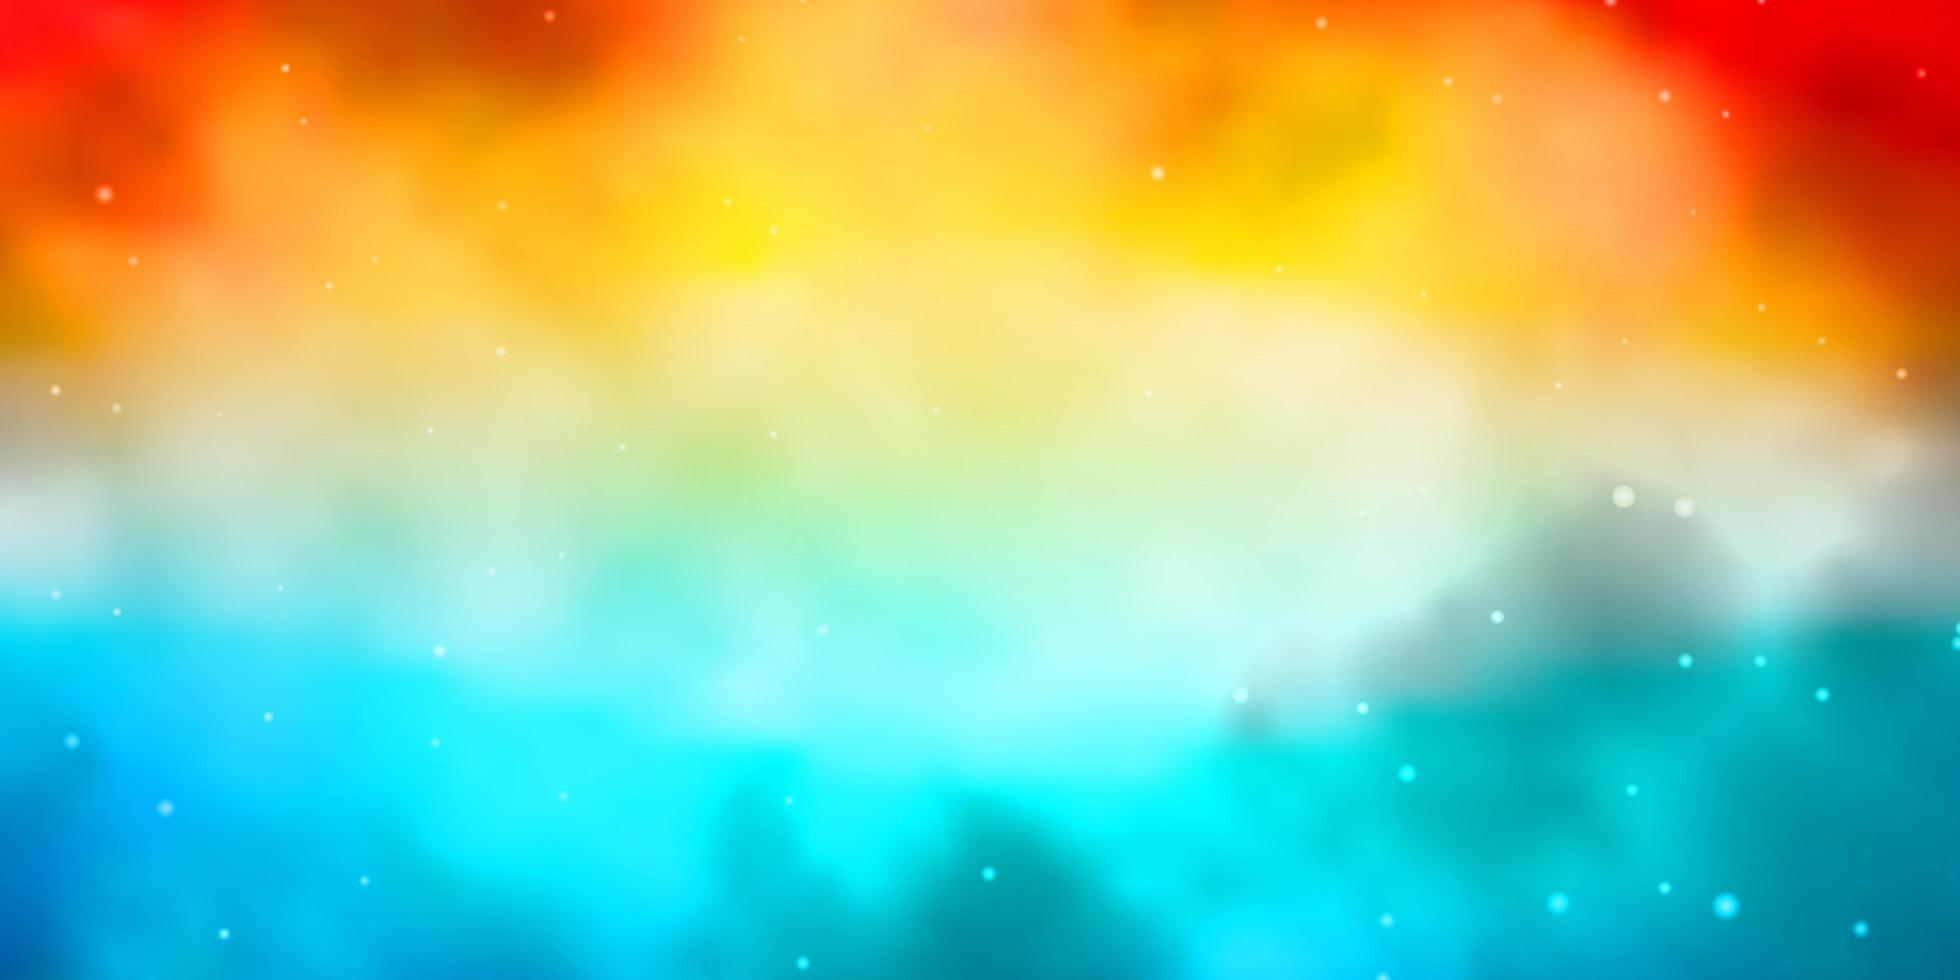 modèle vectoriel bleu clair et rouge avec des étoiles au néon.